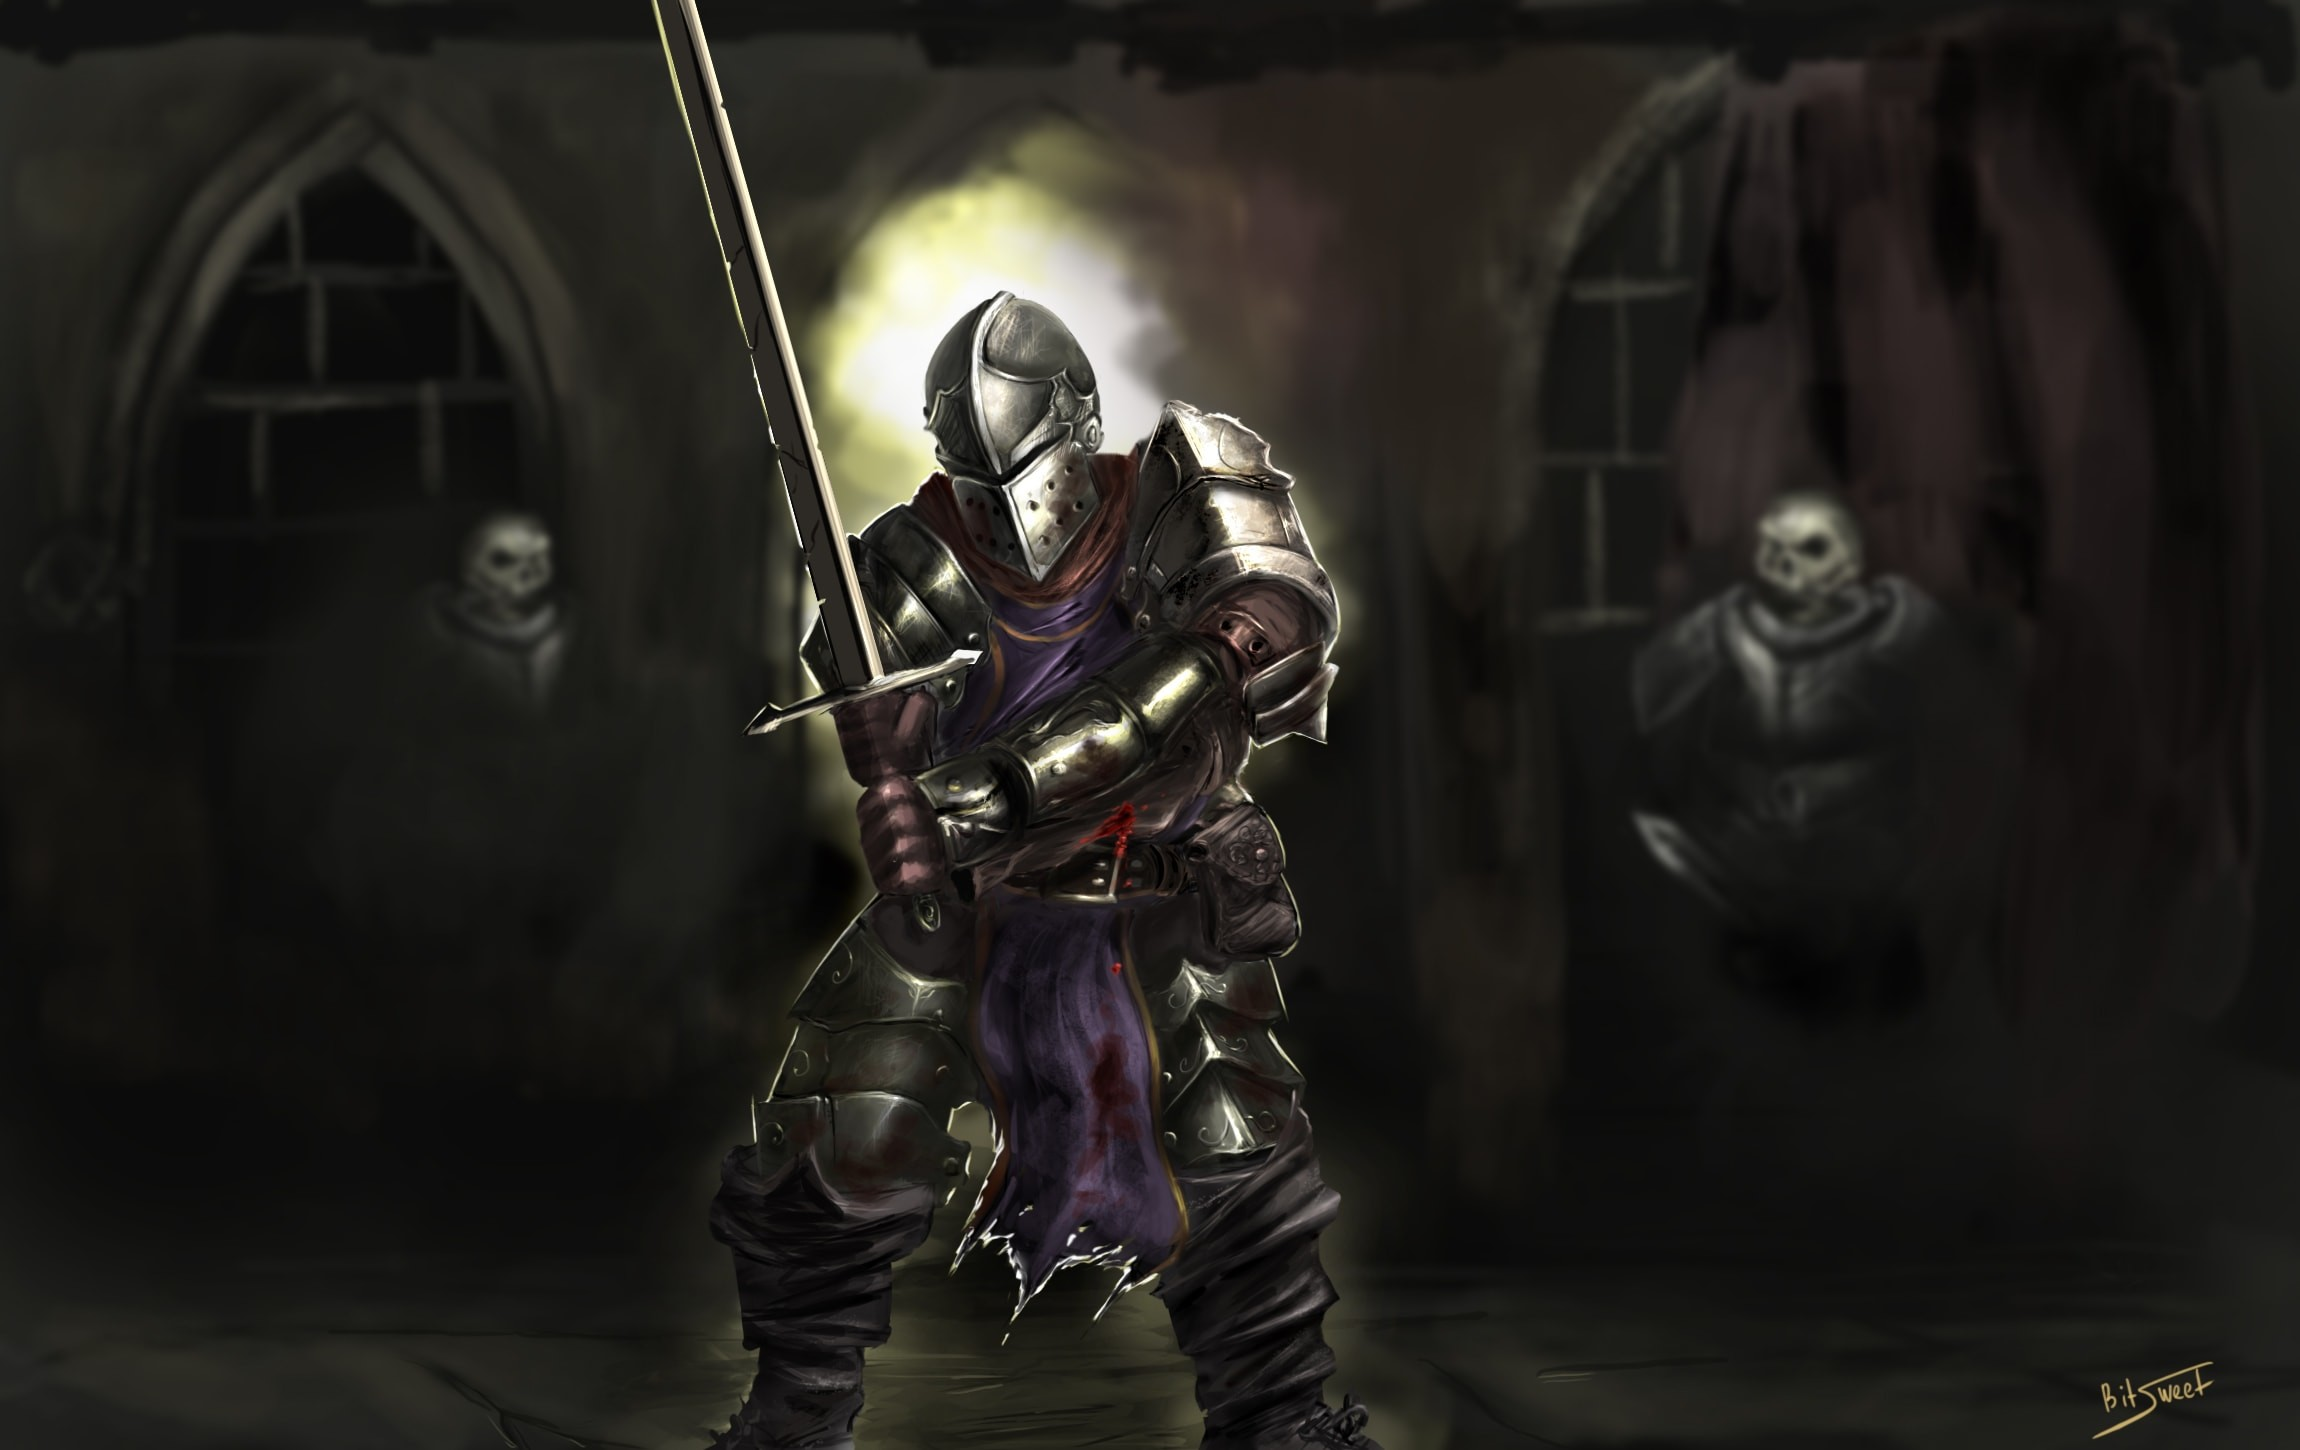 Darkest Dungeon: Crusader Wallpapers hd